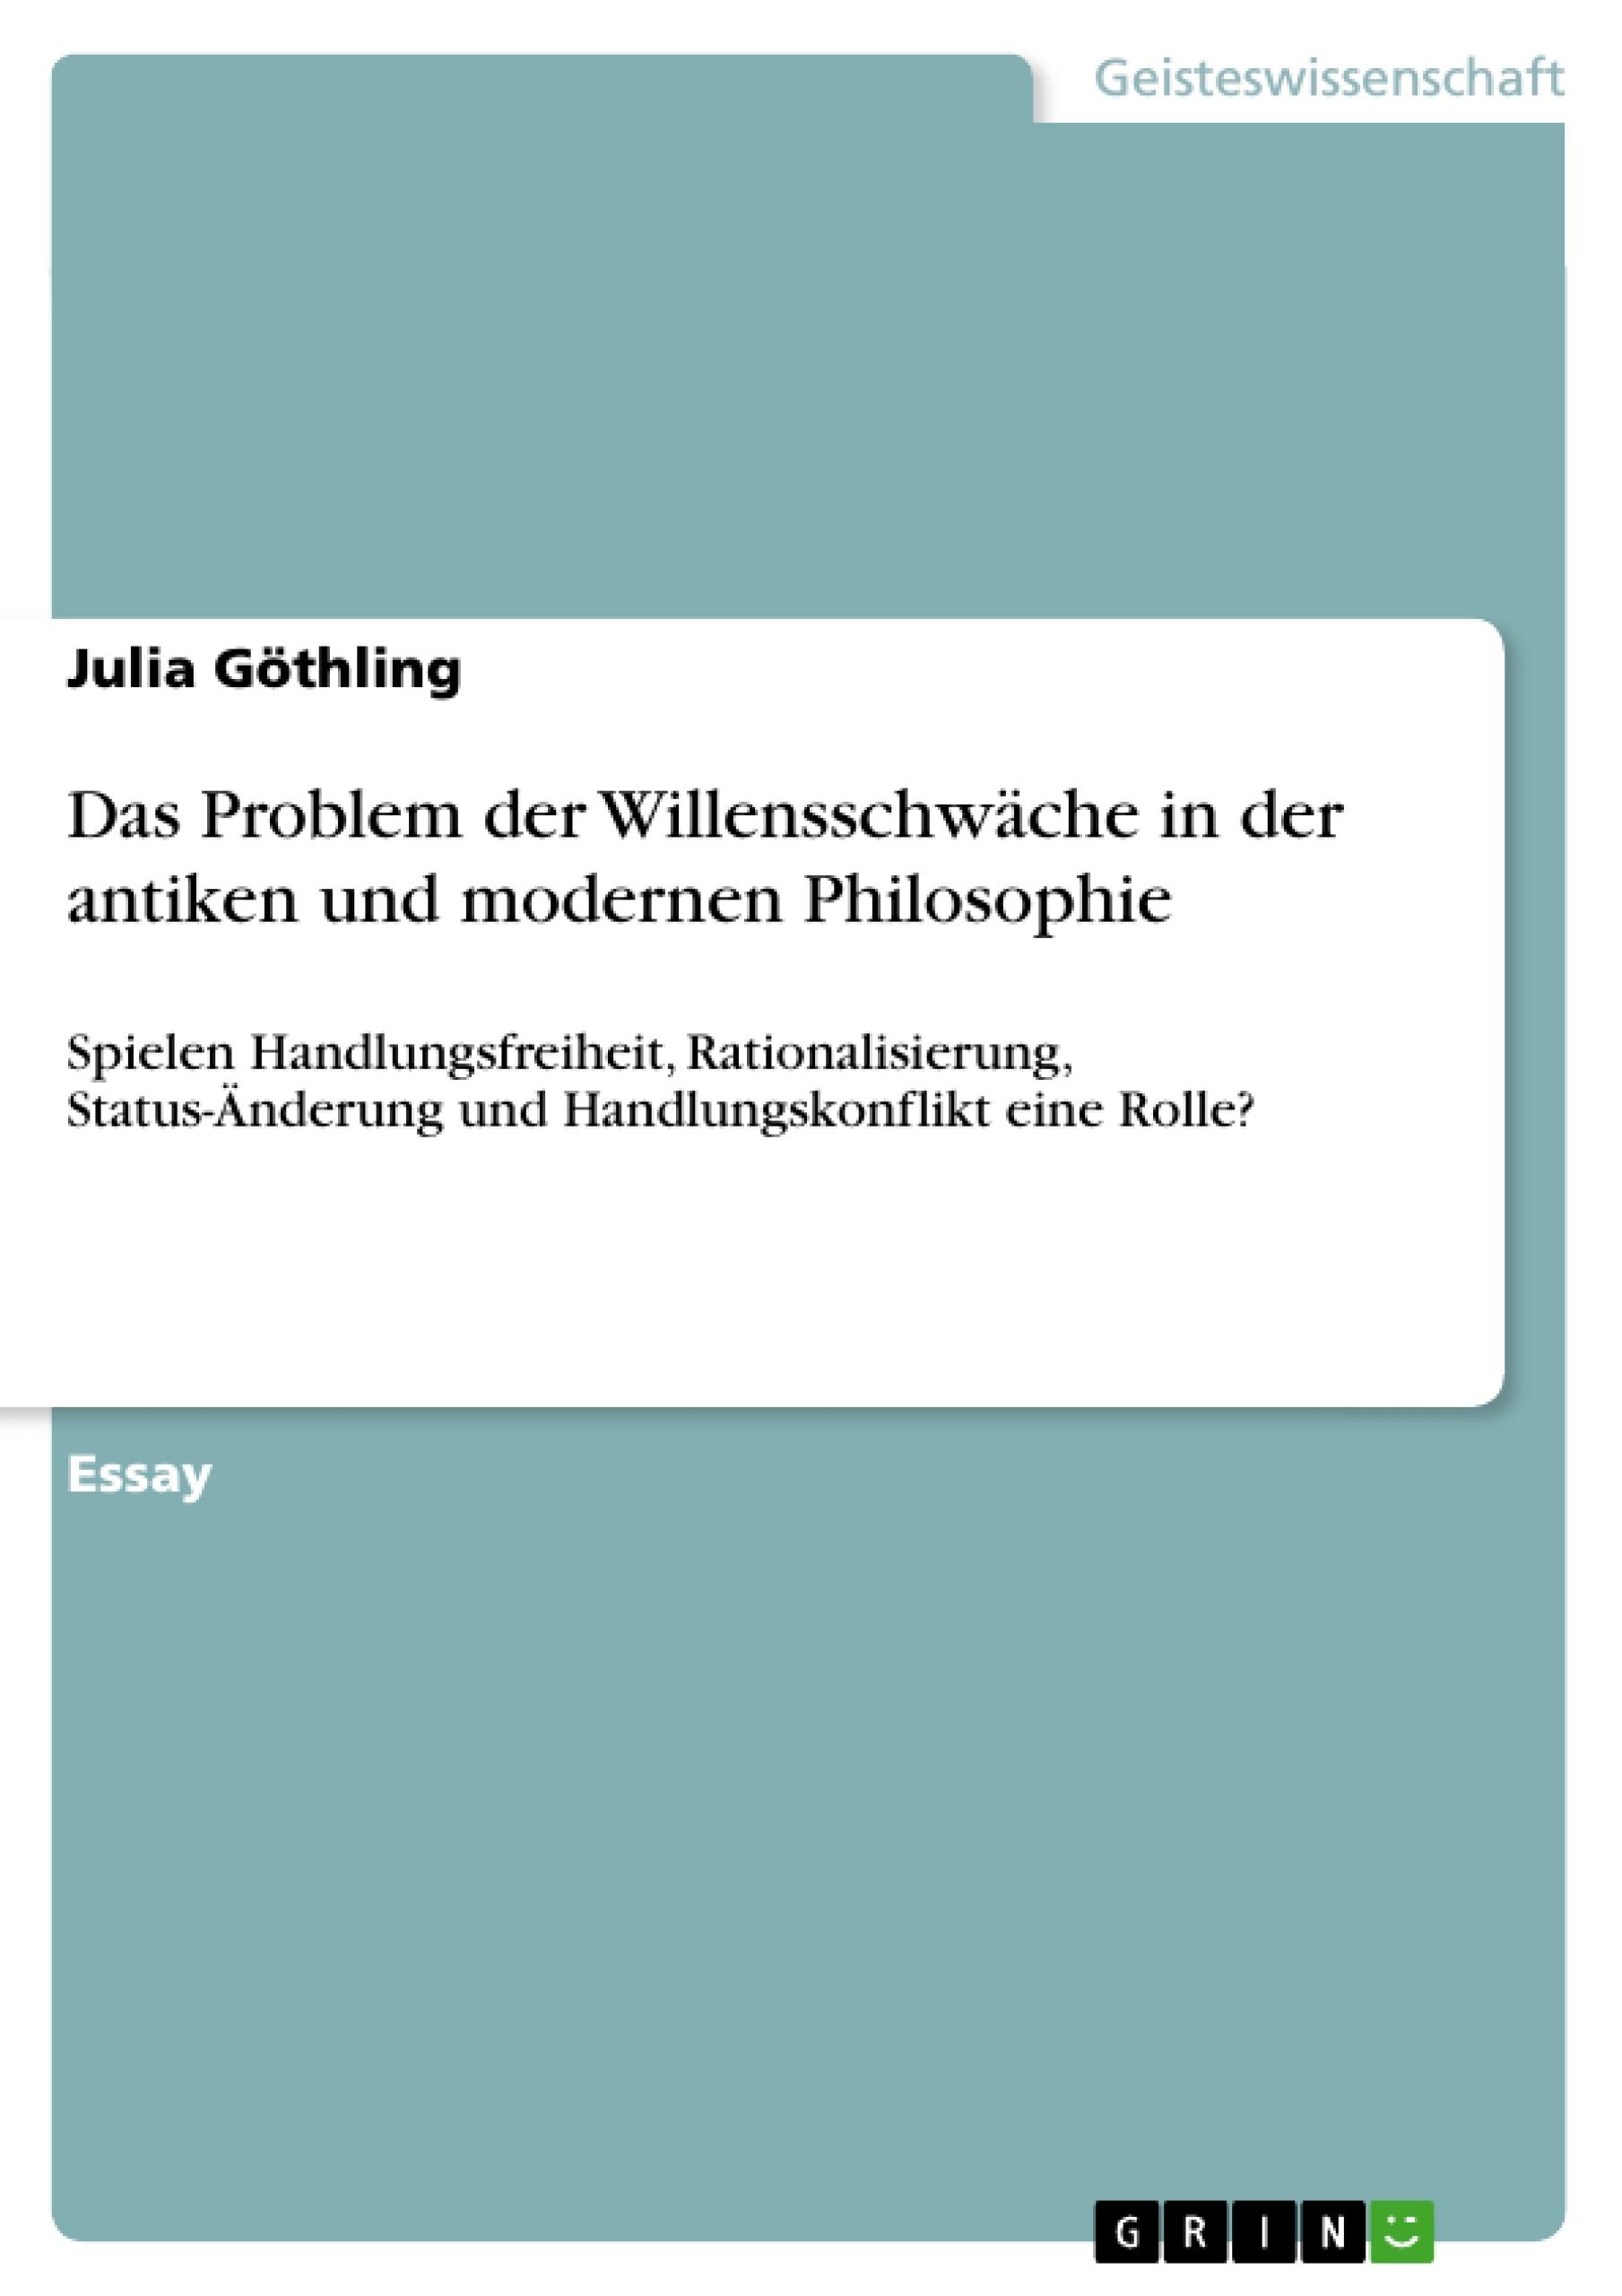 Titel: Das Problem der Willensschwäche  in der  antiken und modernen Philosophie